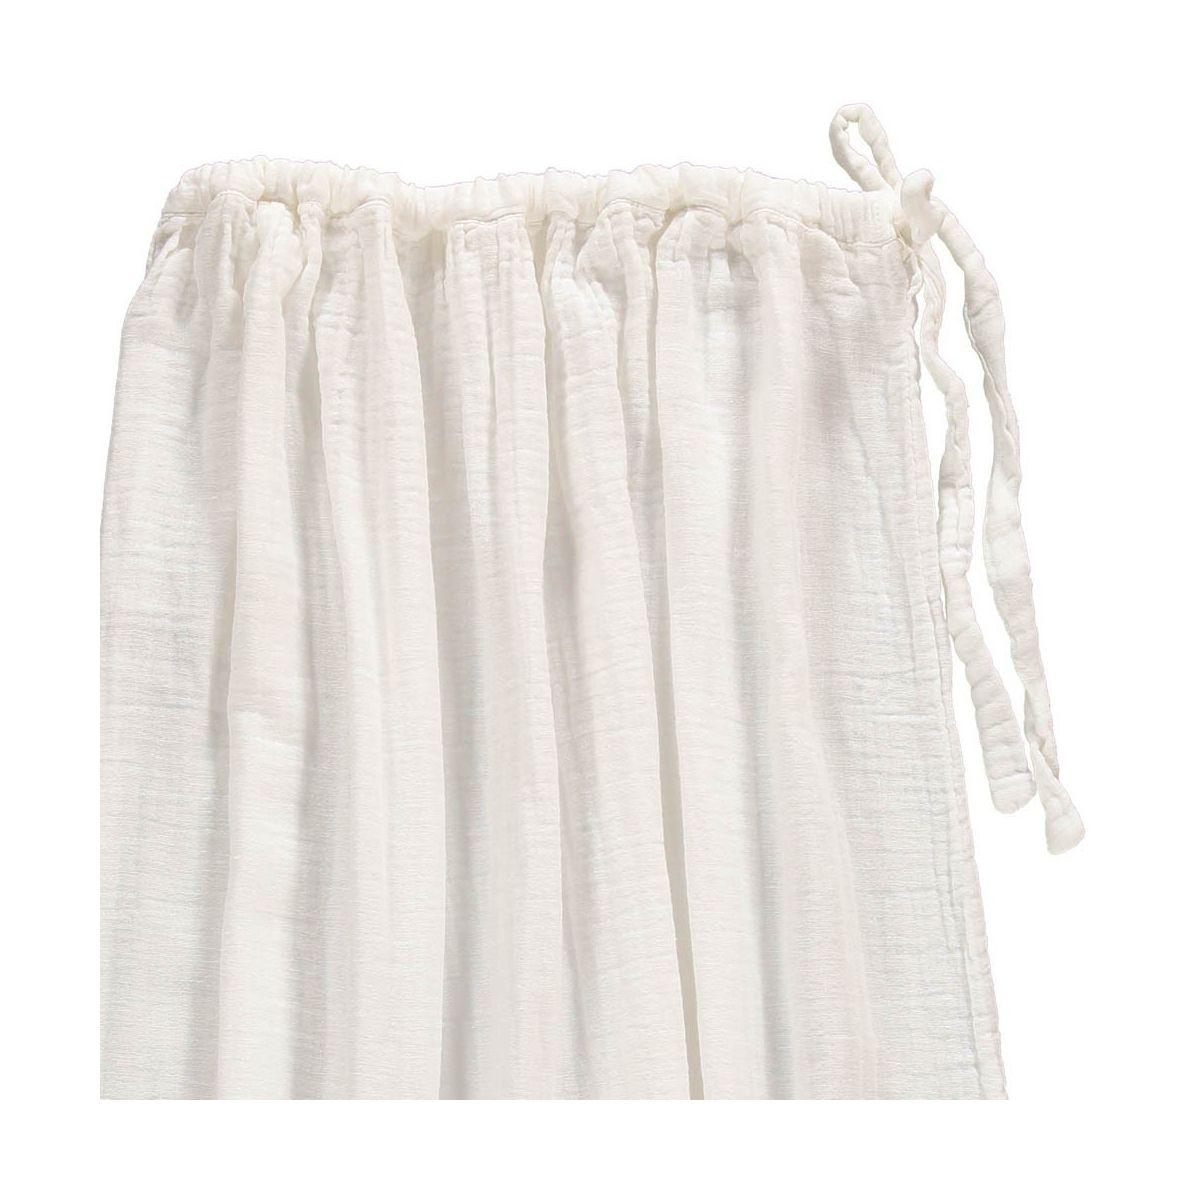 Spódnica dla mamy Ava długa biała - Numero 74